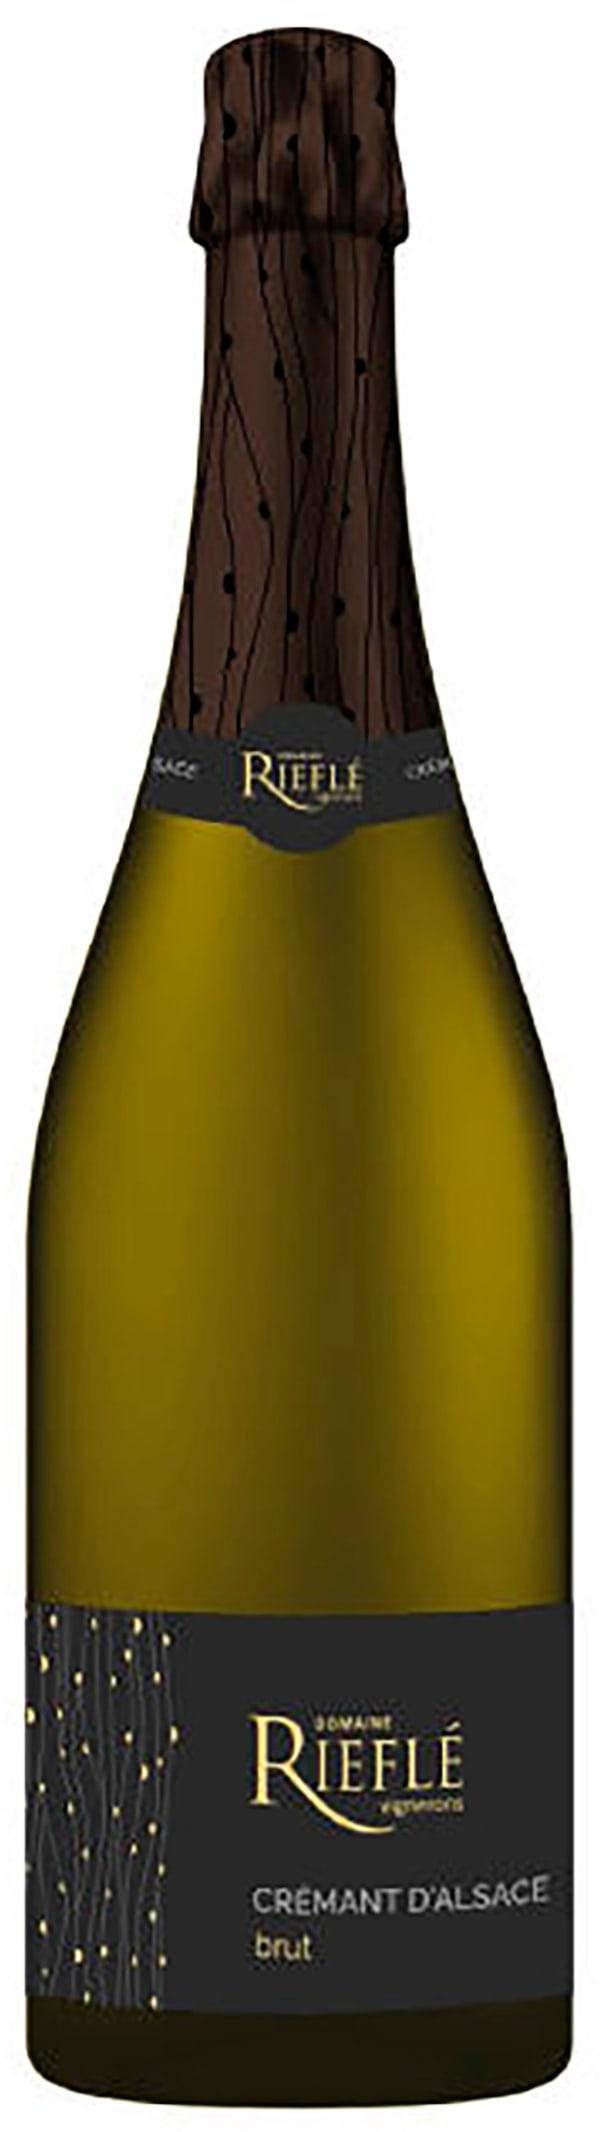 Domaine Rieflé Cremant d'Alsace Brut